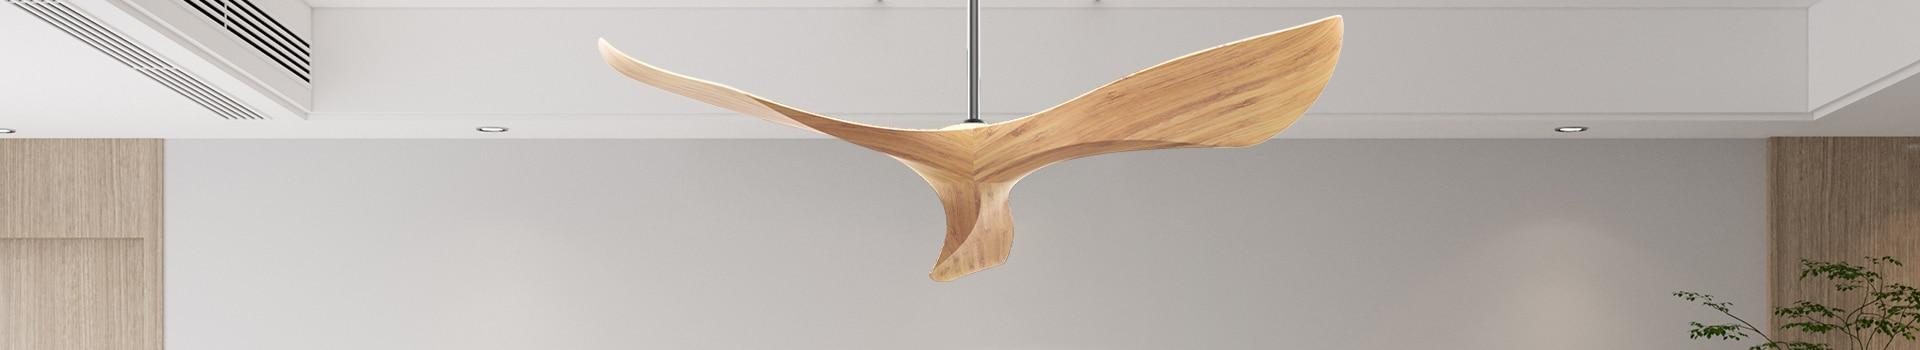 מאווררי תקרה מעץ